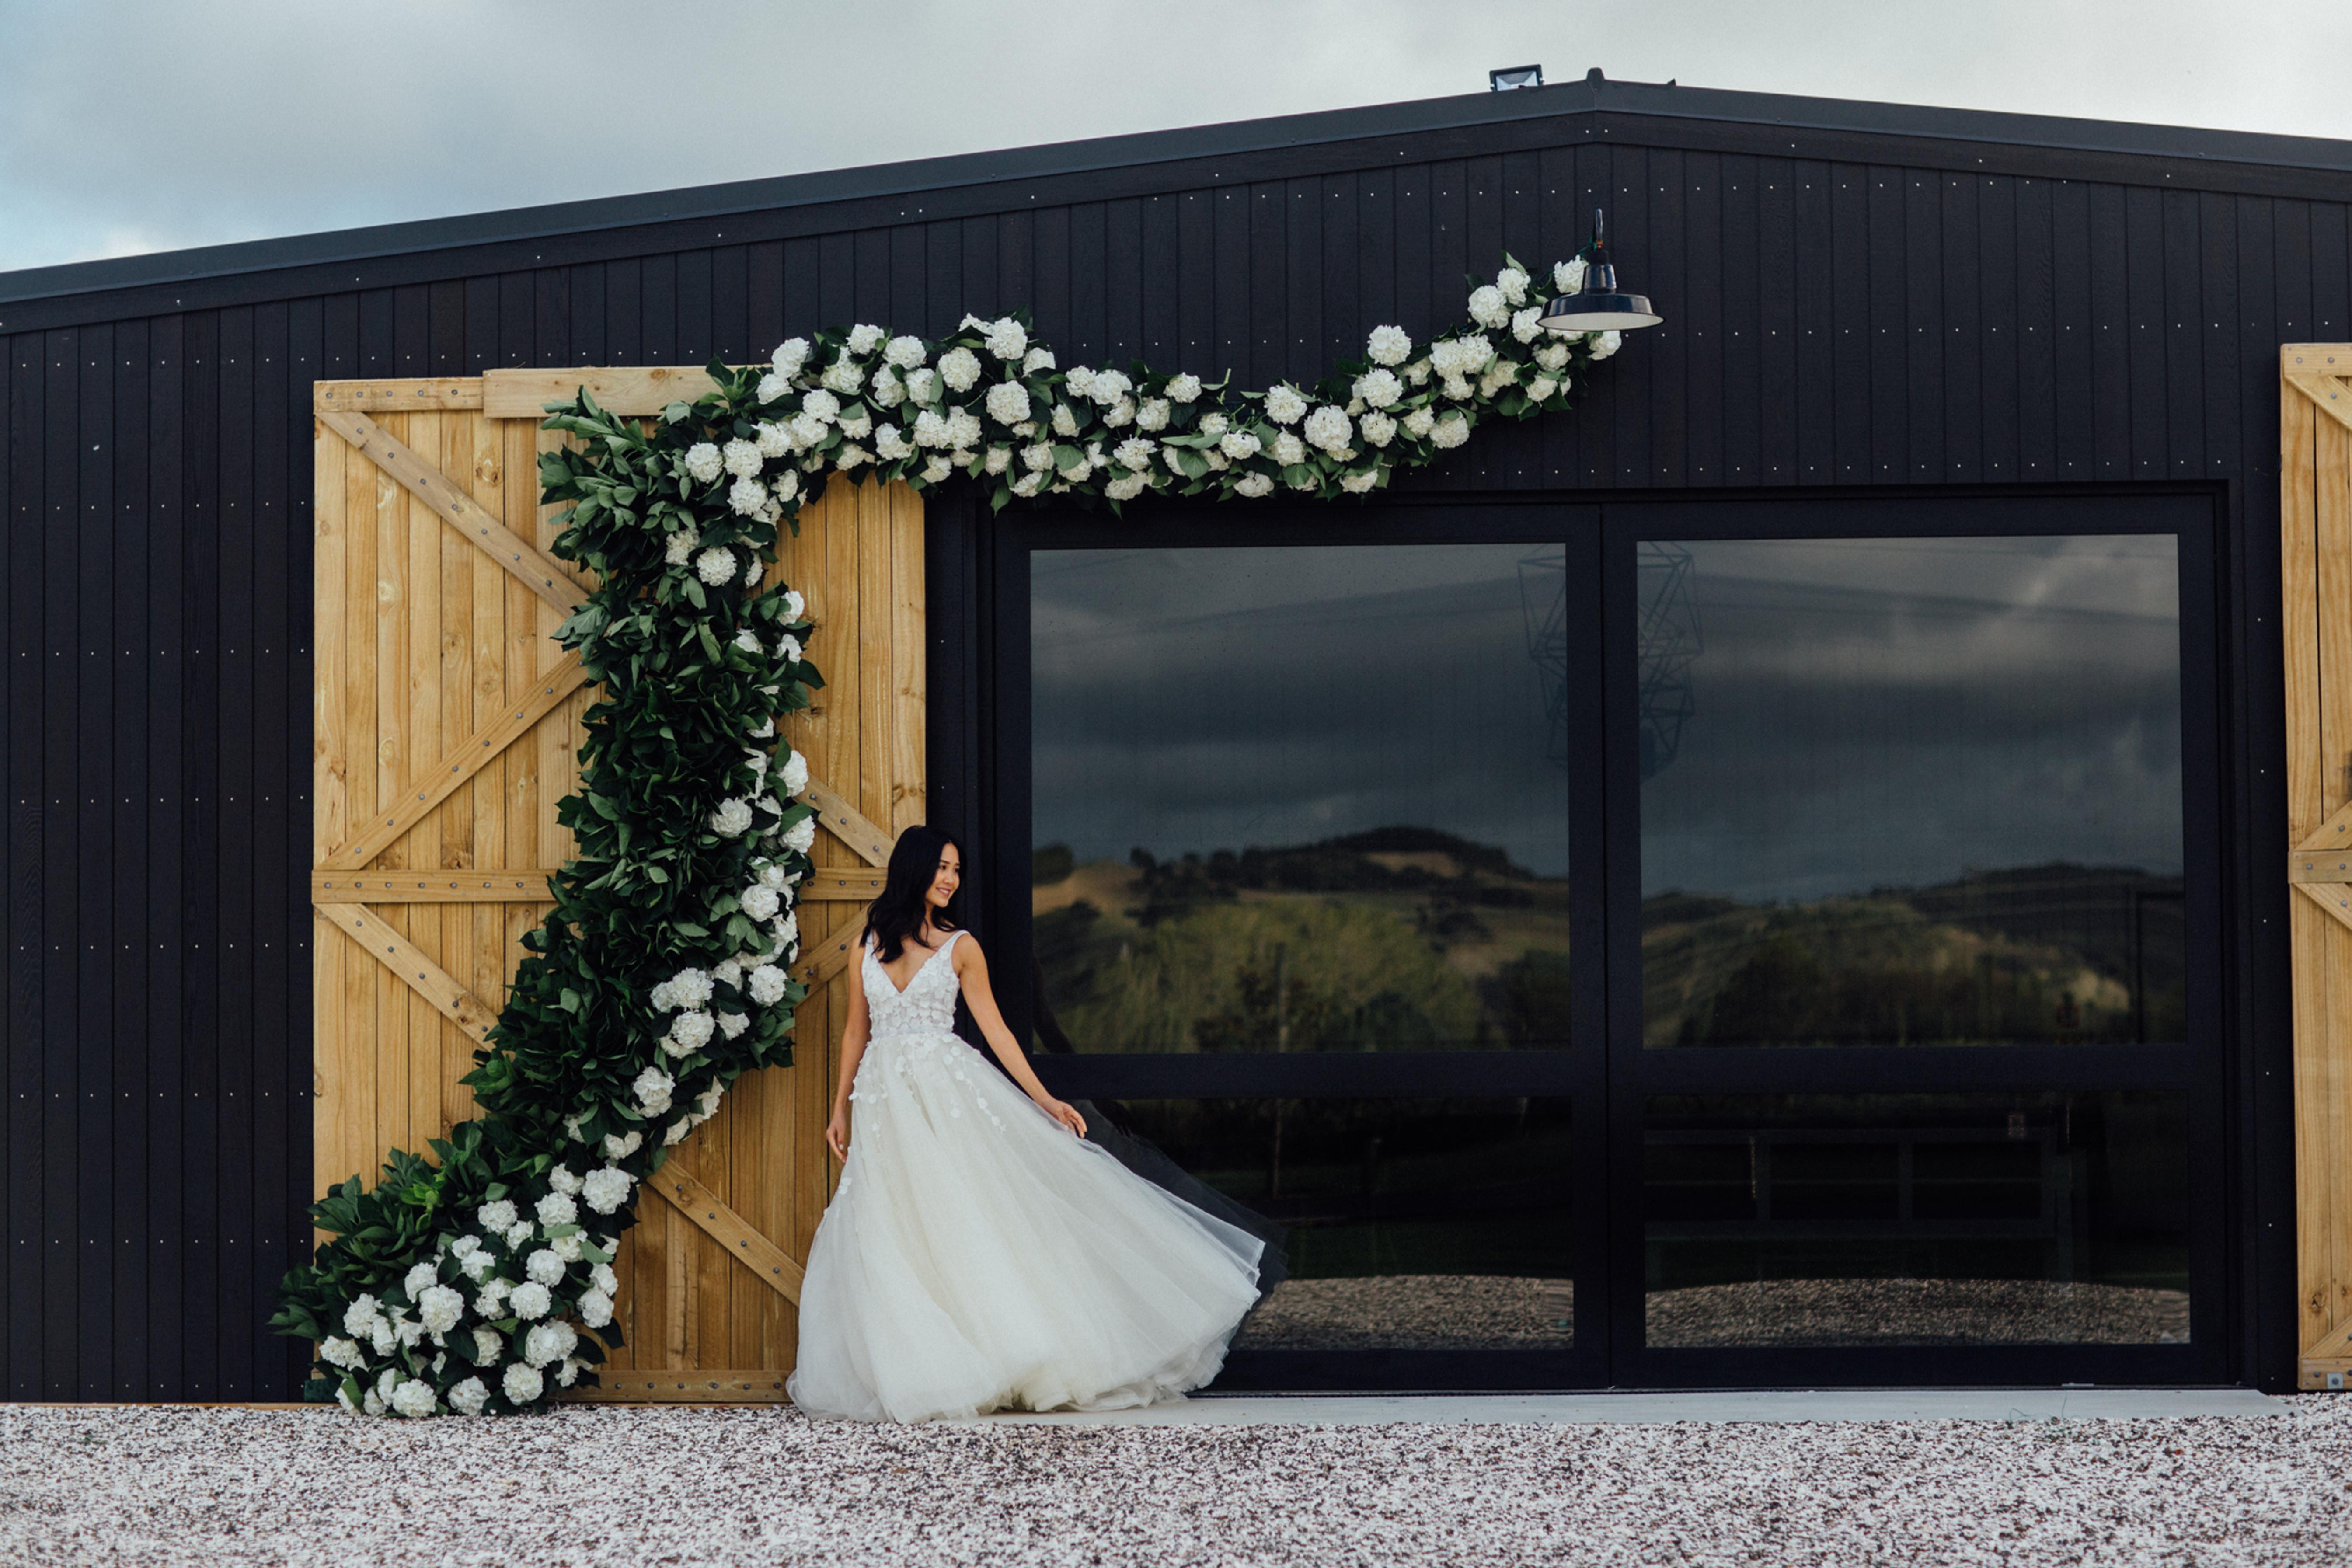 Initial Wedding Venue Visit